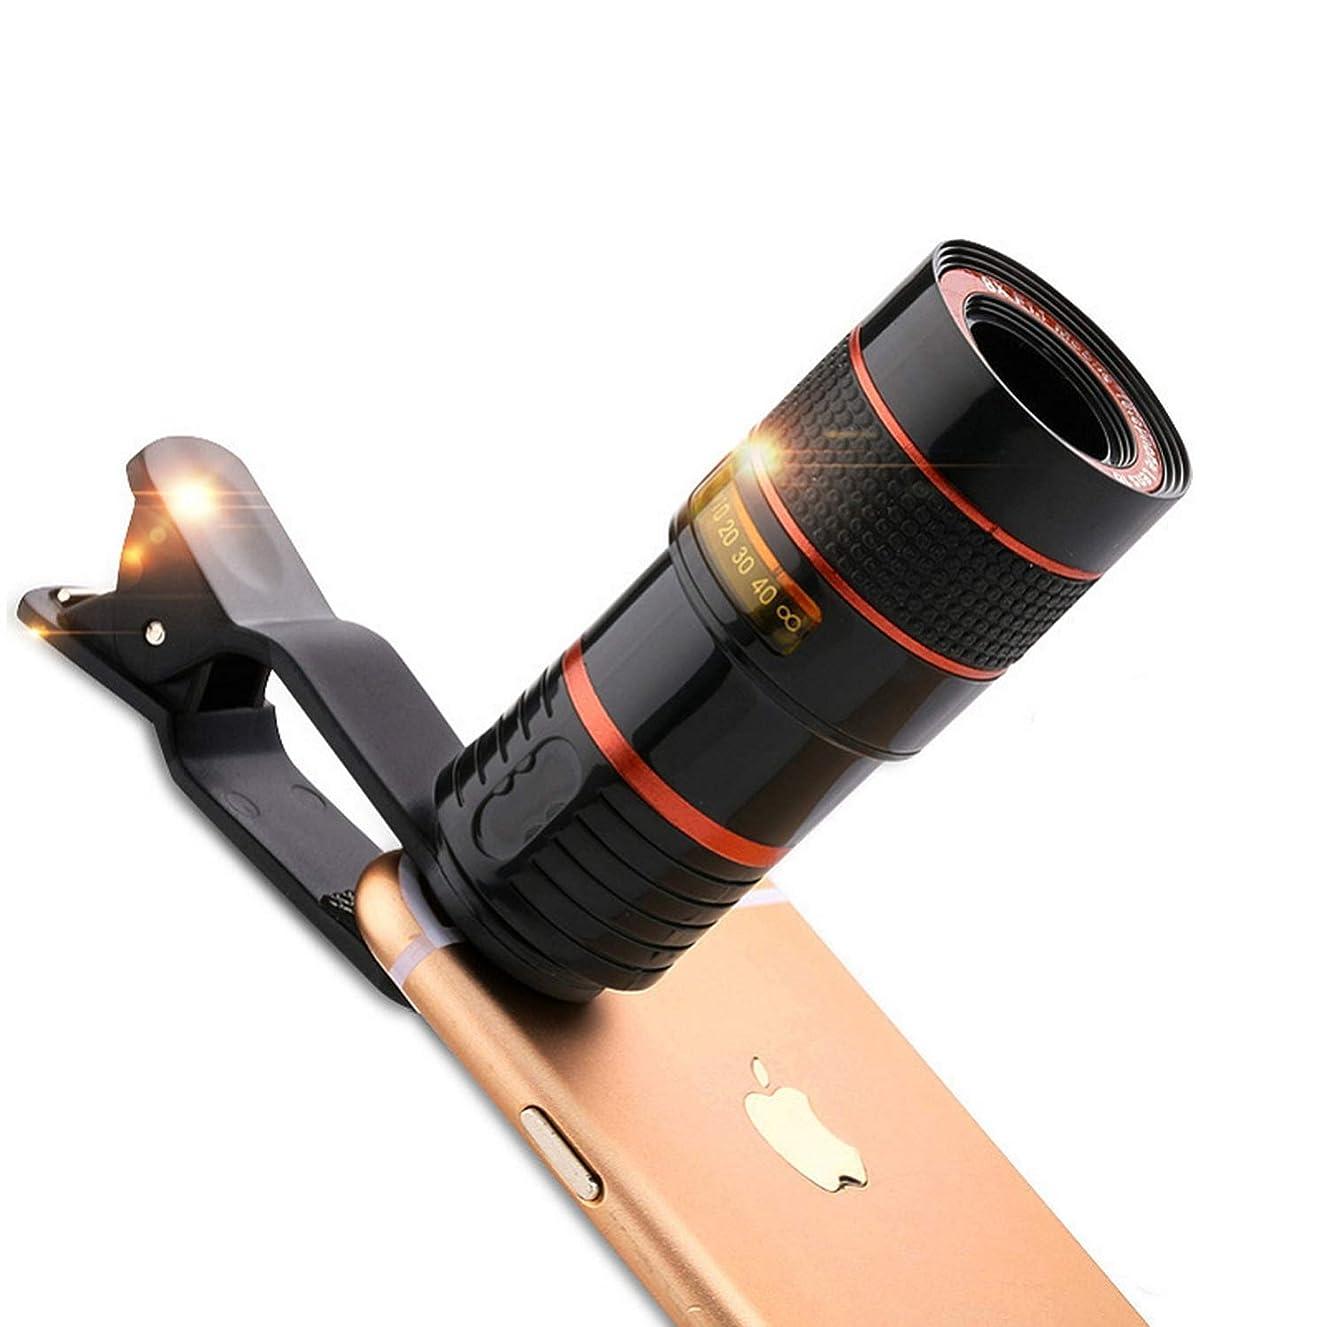 8X/12X Optical Zoom Phone Telescope Camera Lens Telephoto External Smartphone Camera Lens,Black,8X Lens